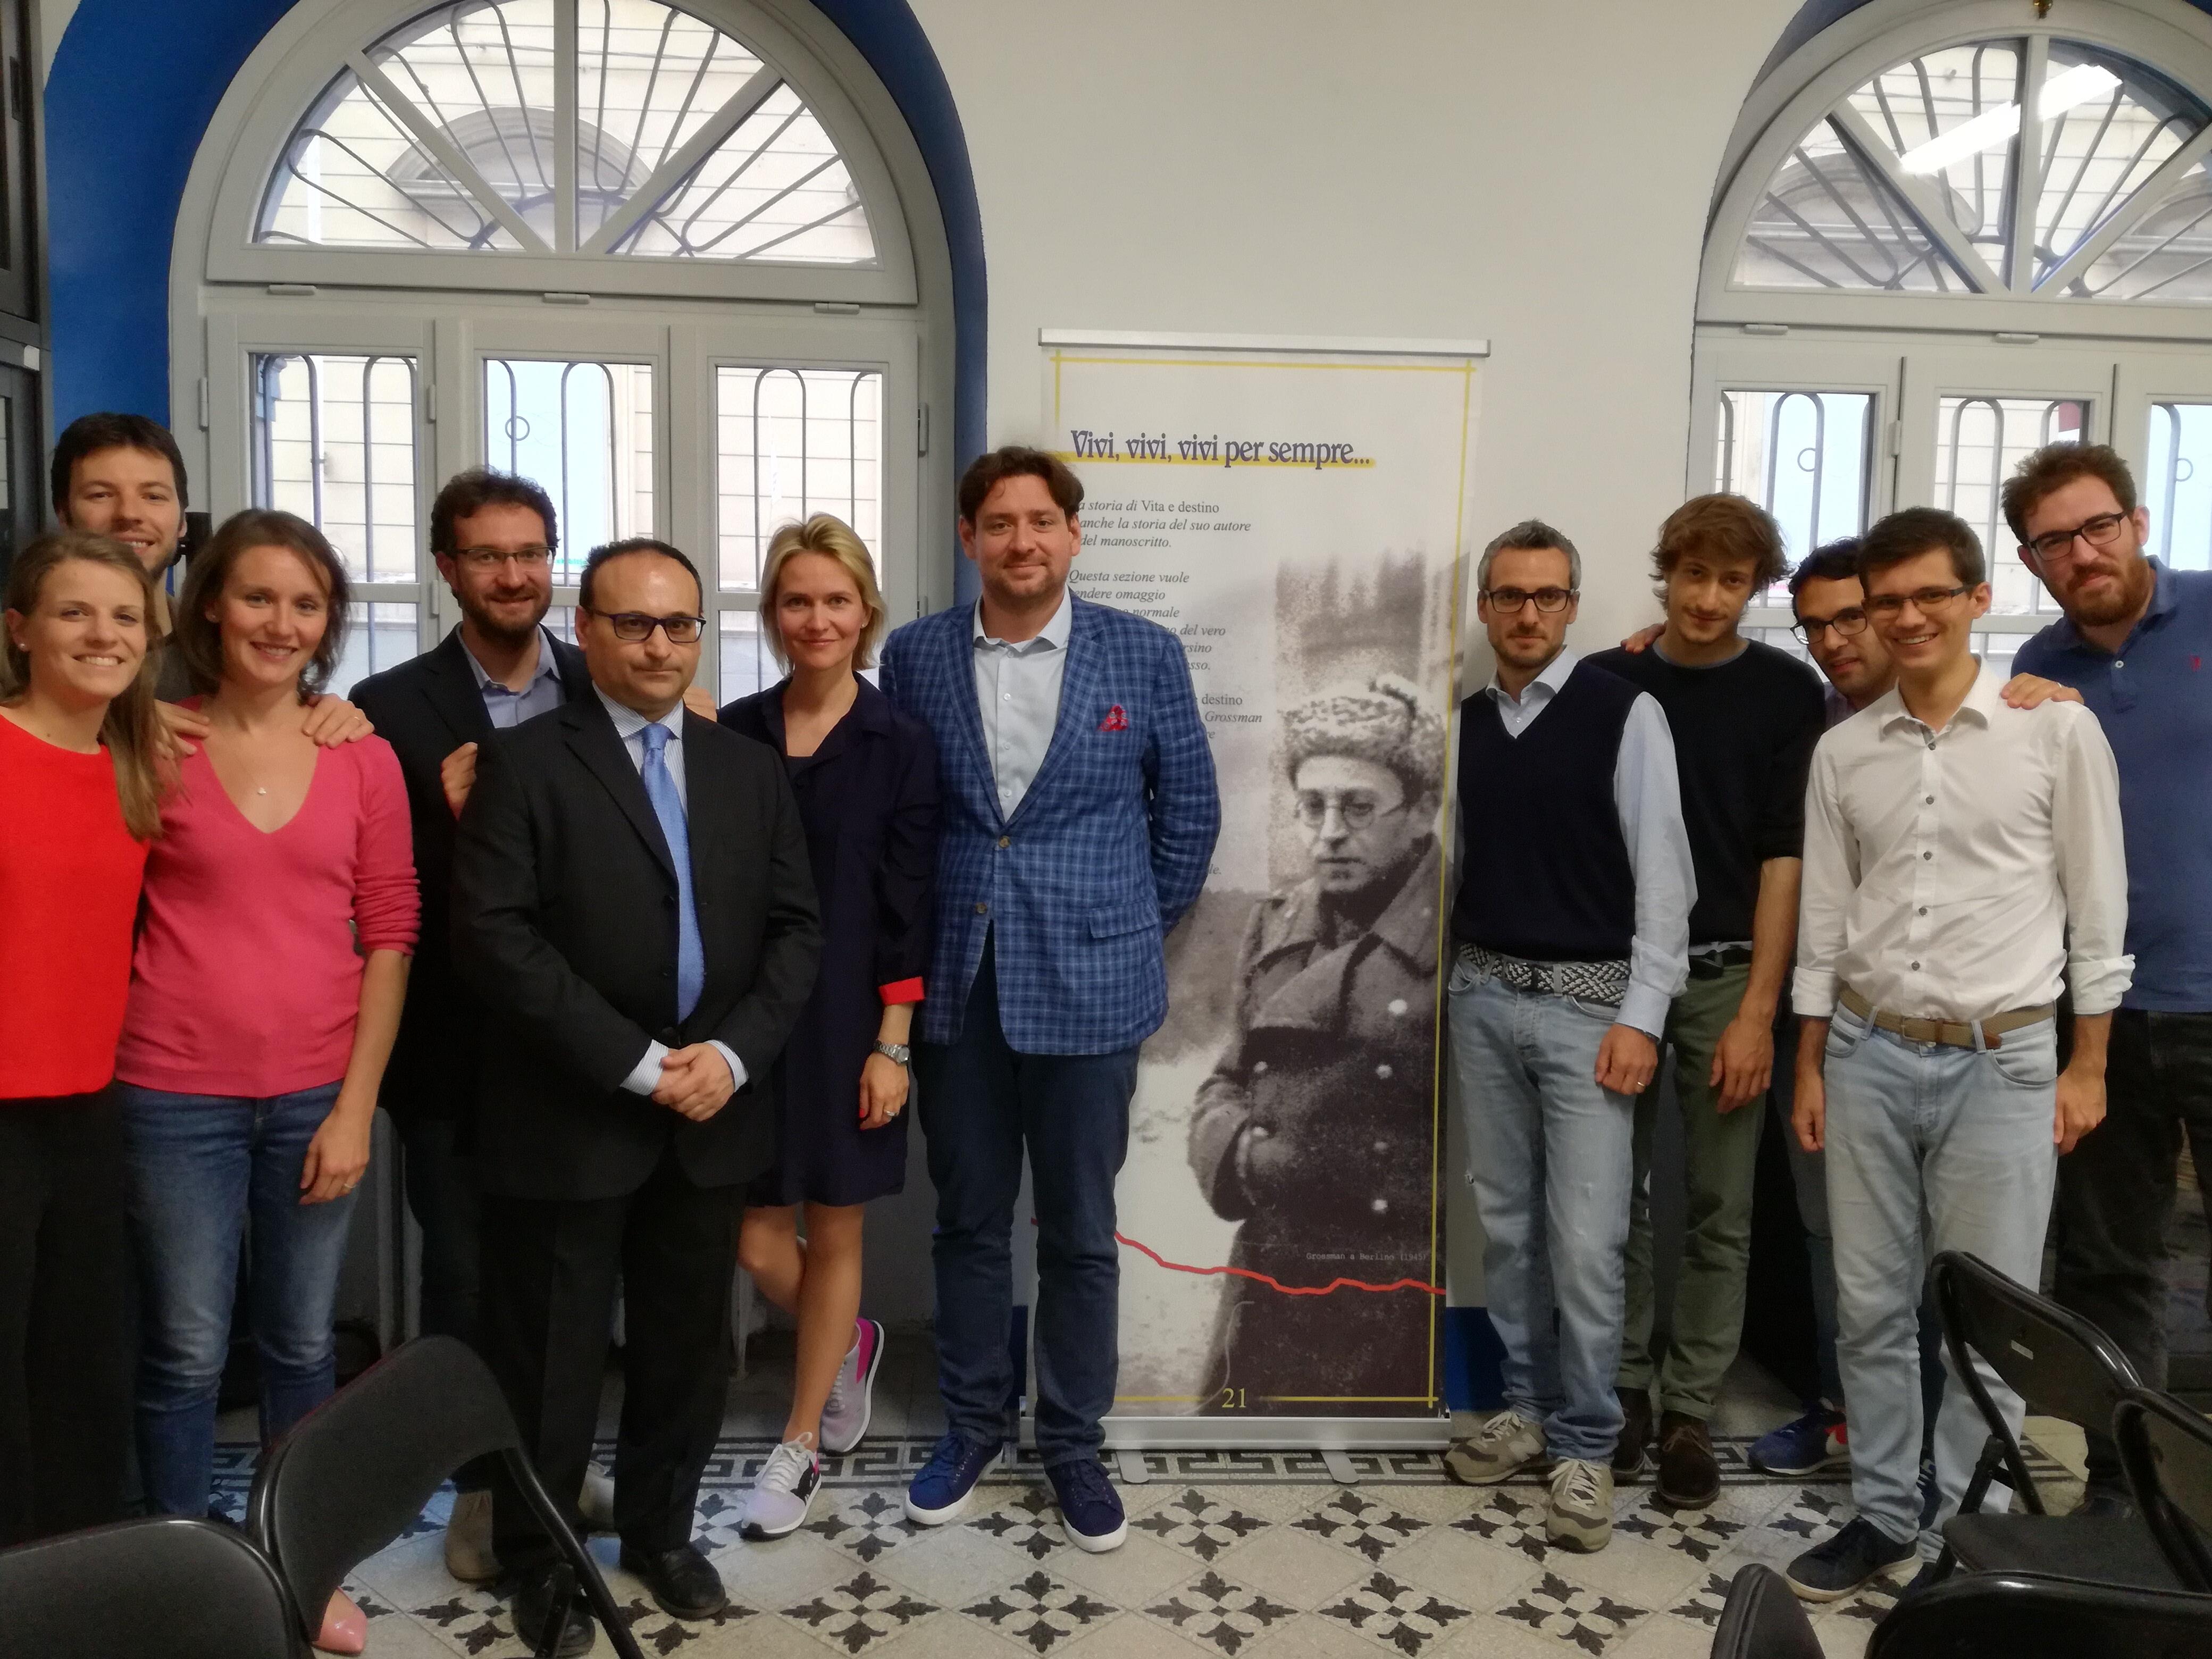 migliori scarpe da ginnastica l'atteggiamento migliore pensieri su Vasilij Grossman, ponte tra Russia e Italia - Study Center ...